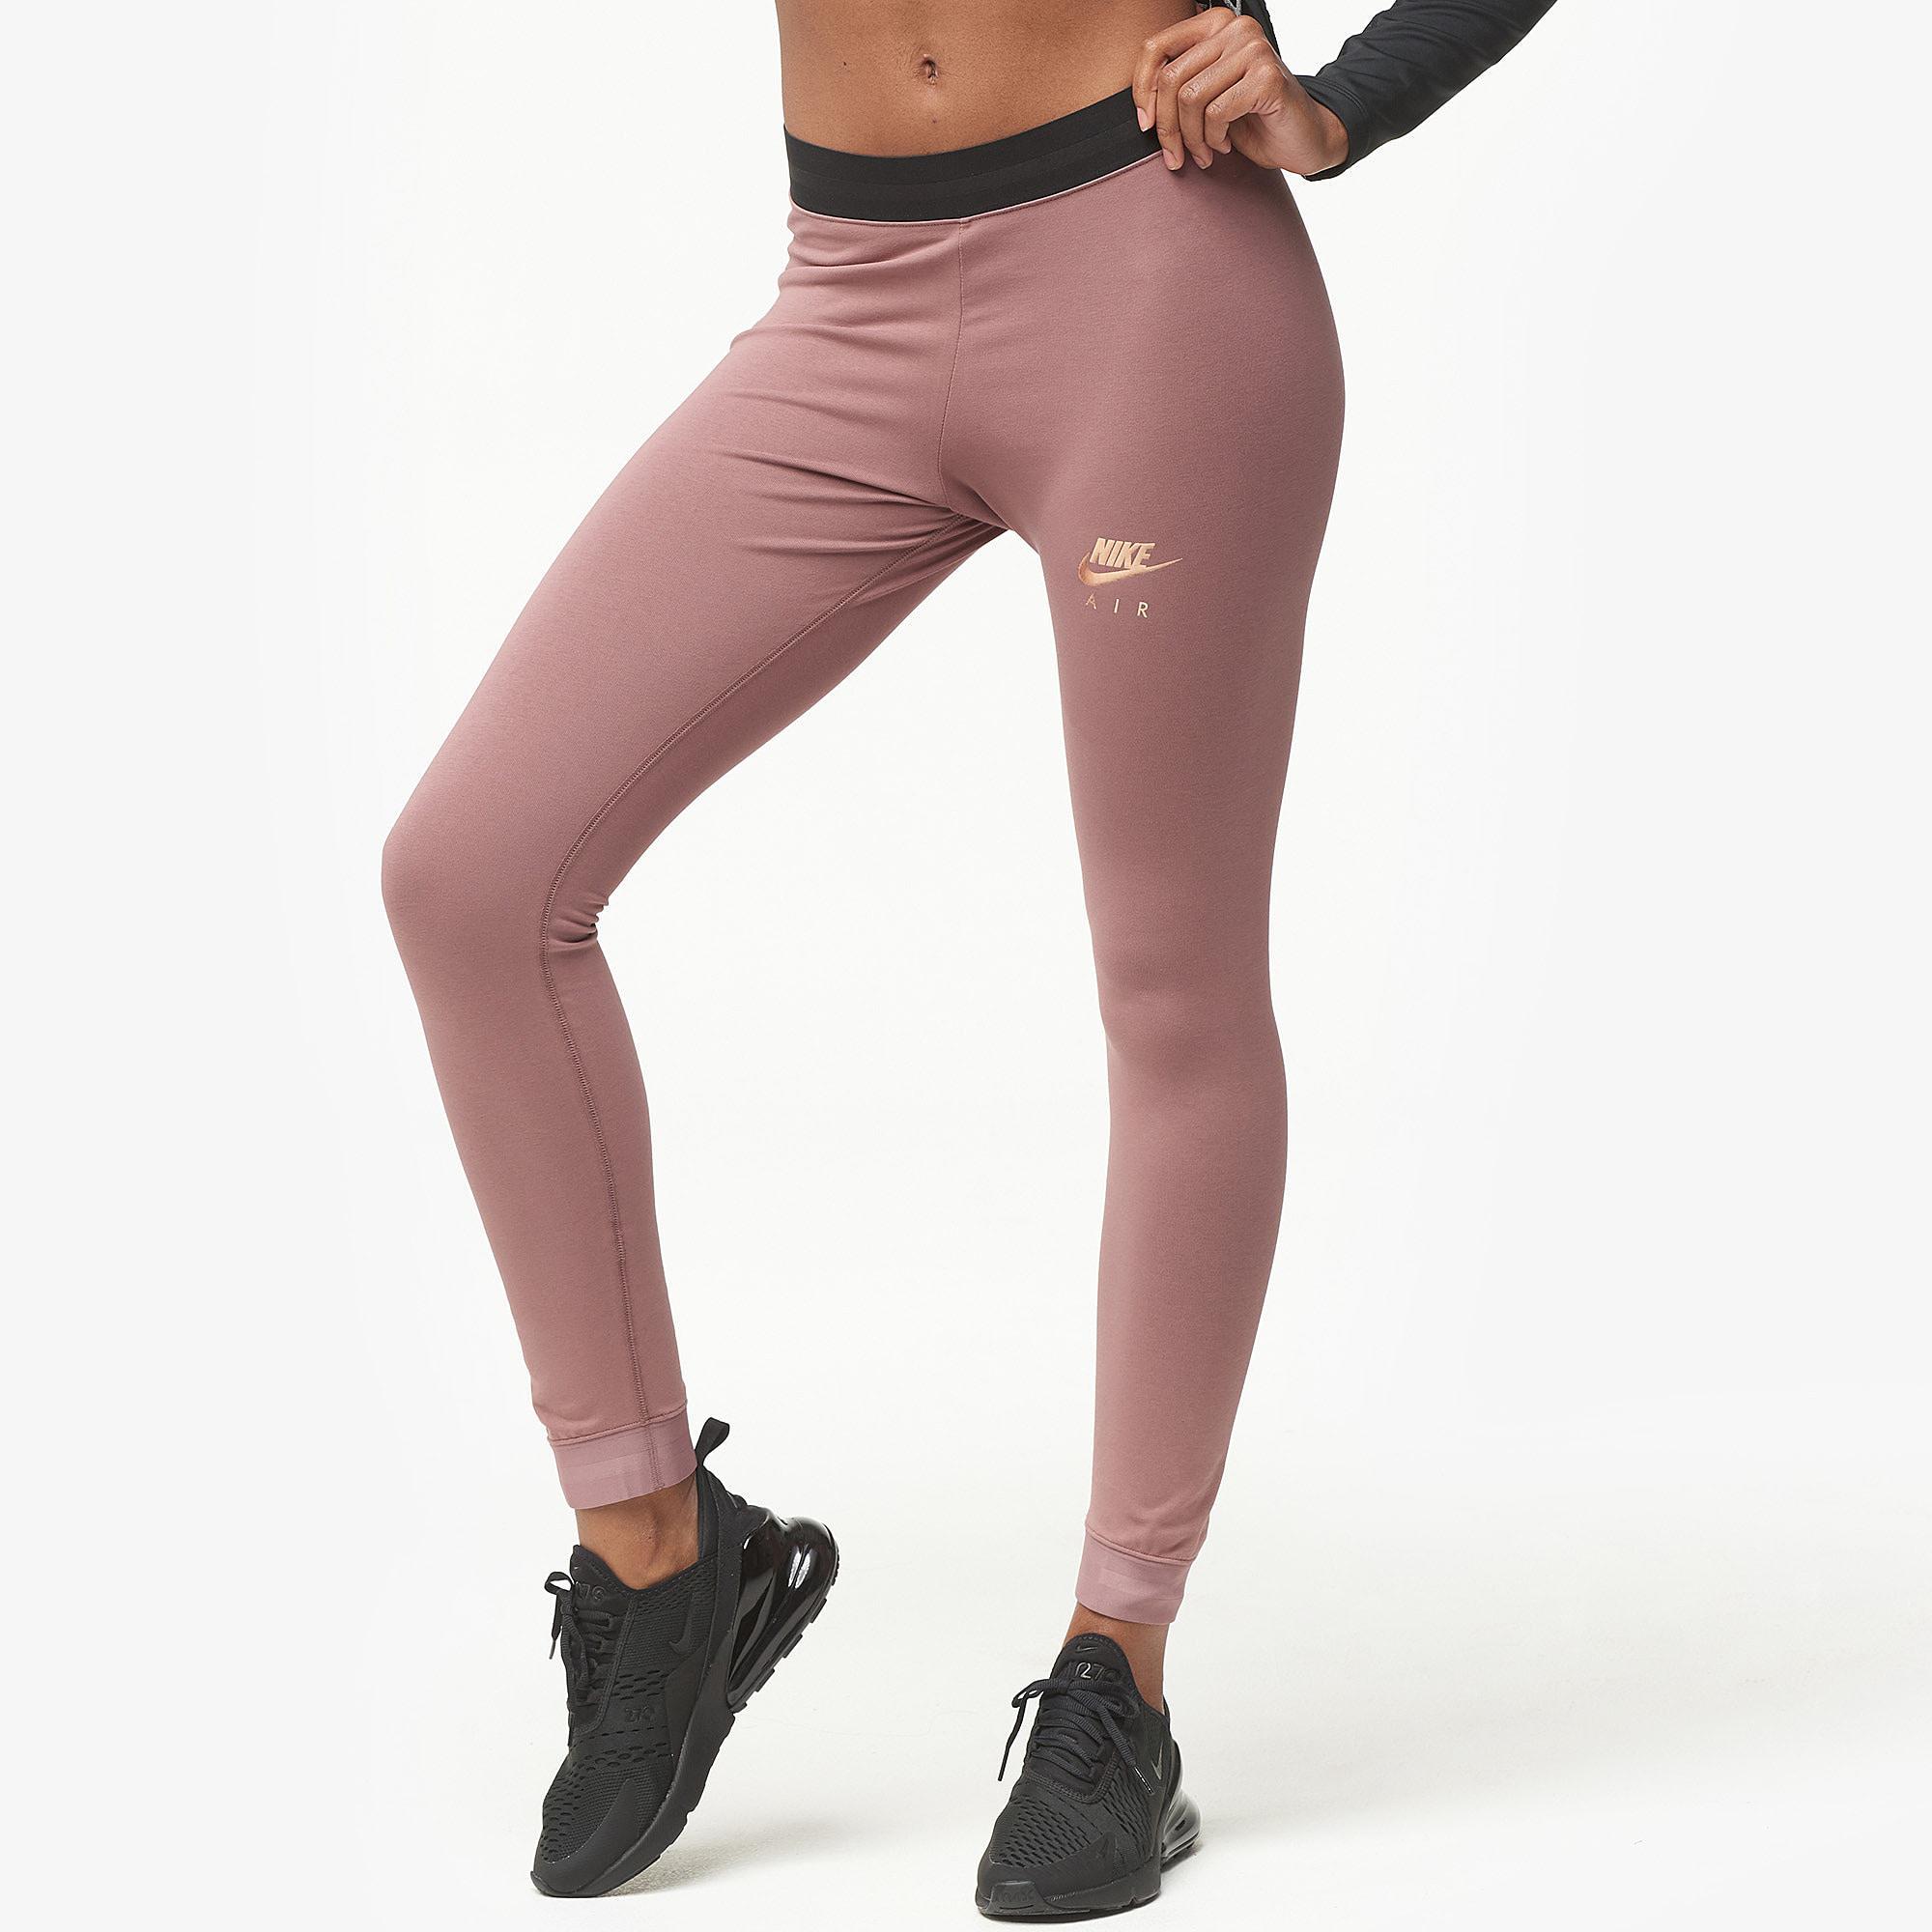 629323dedaa98 Nike - Multicolor Rose Gold Metallic Air Leggings - Lyst. View fullscreen